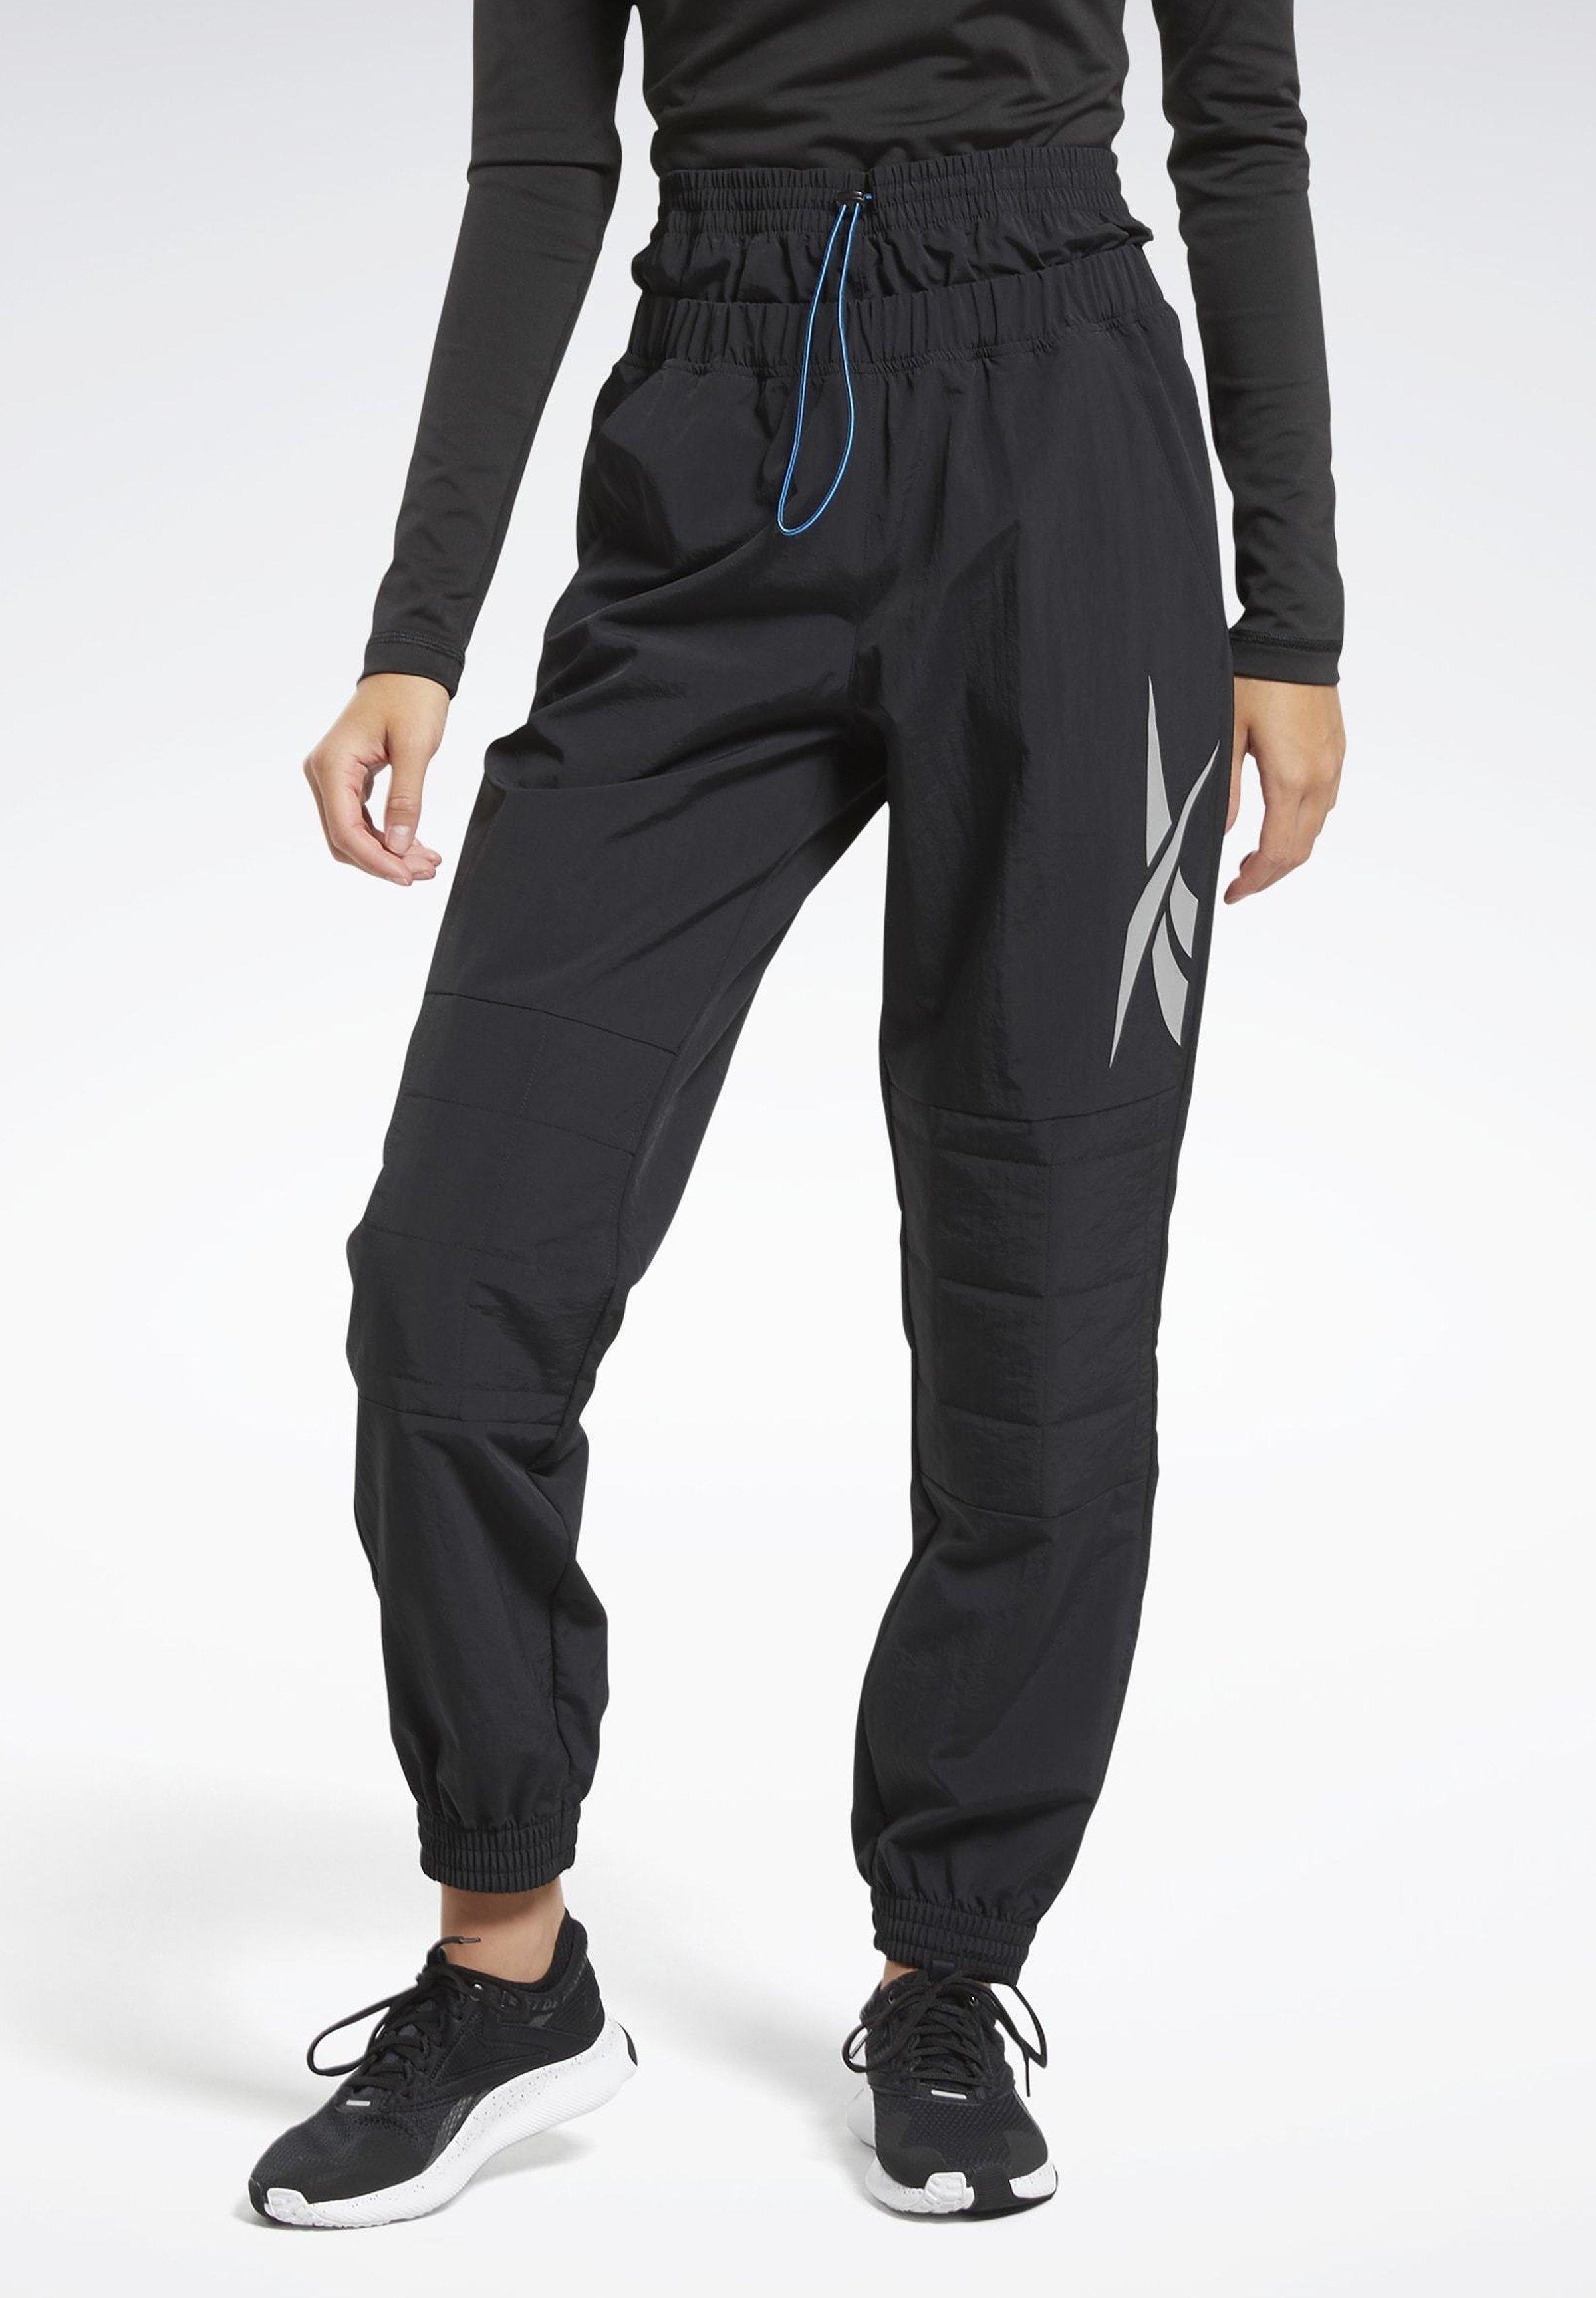 Pantaloni sportivi per donna Reebok   La collezione su Zalando